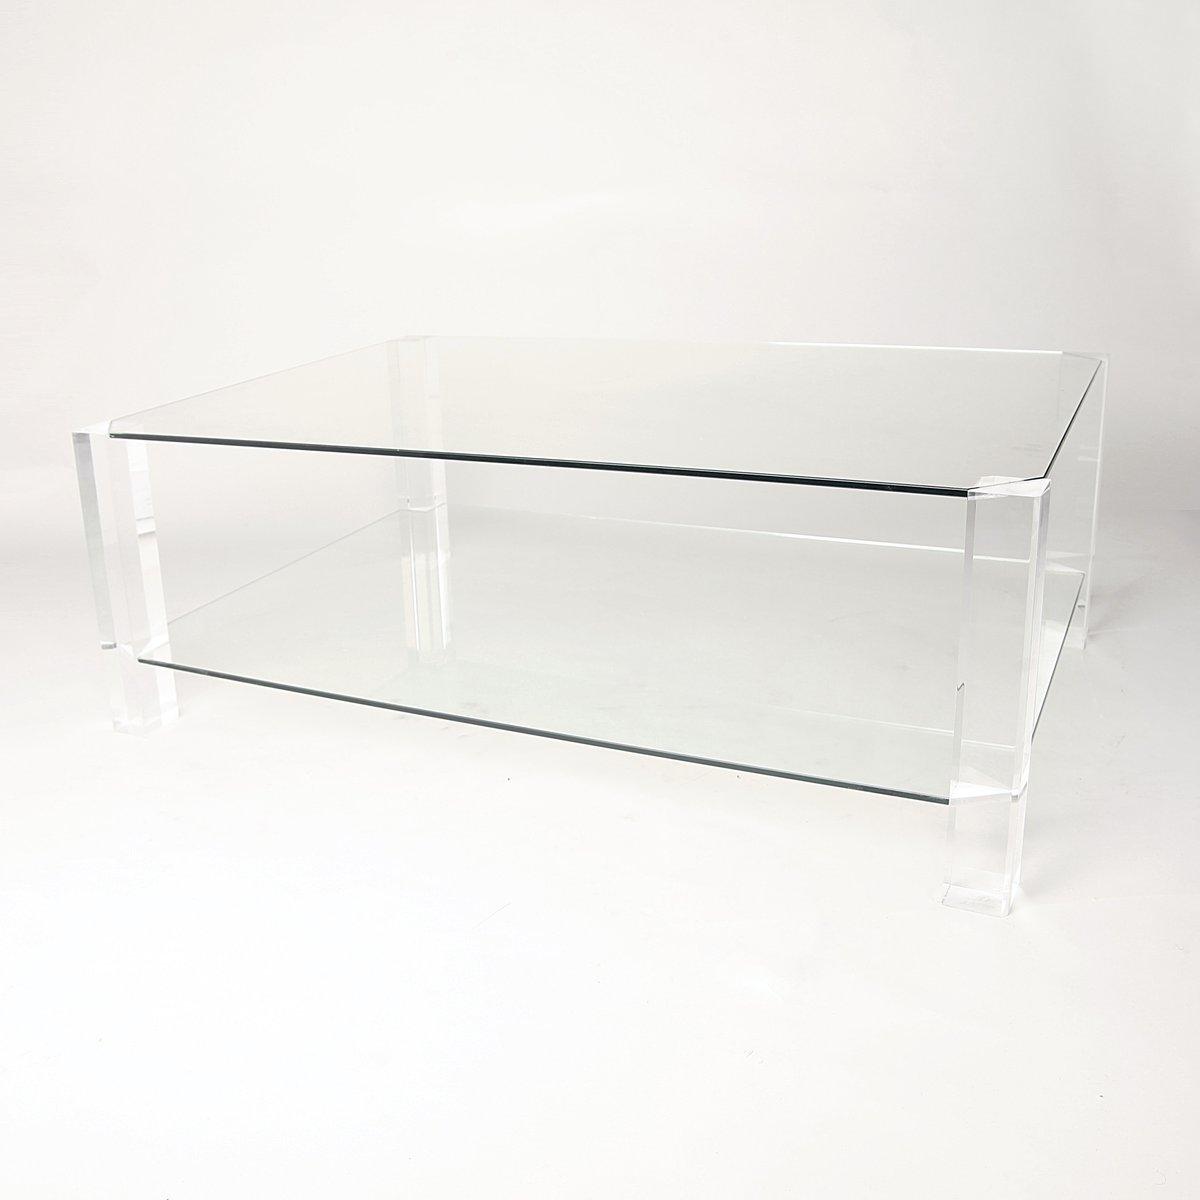 Glas plexiglas couchtisch von andrew sarah hills f r for Couchtisch plexiglas